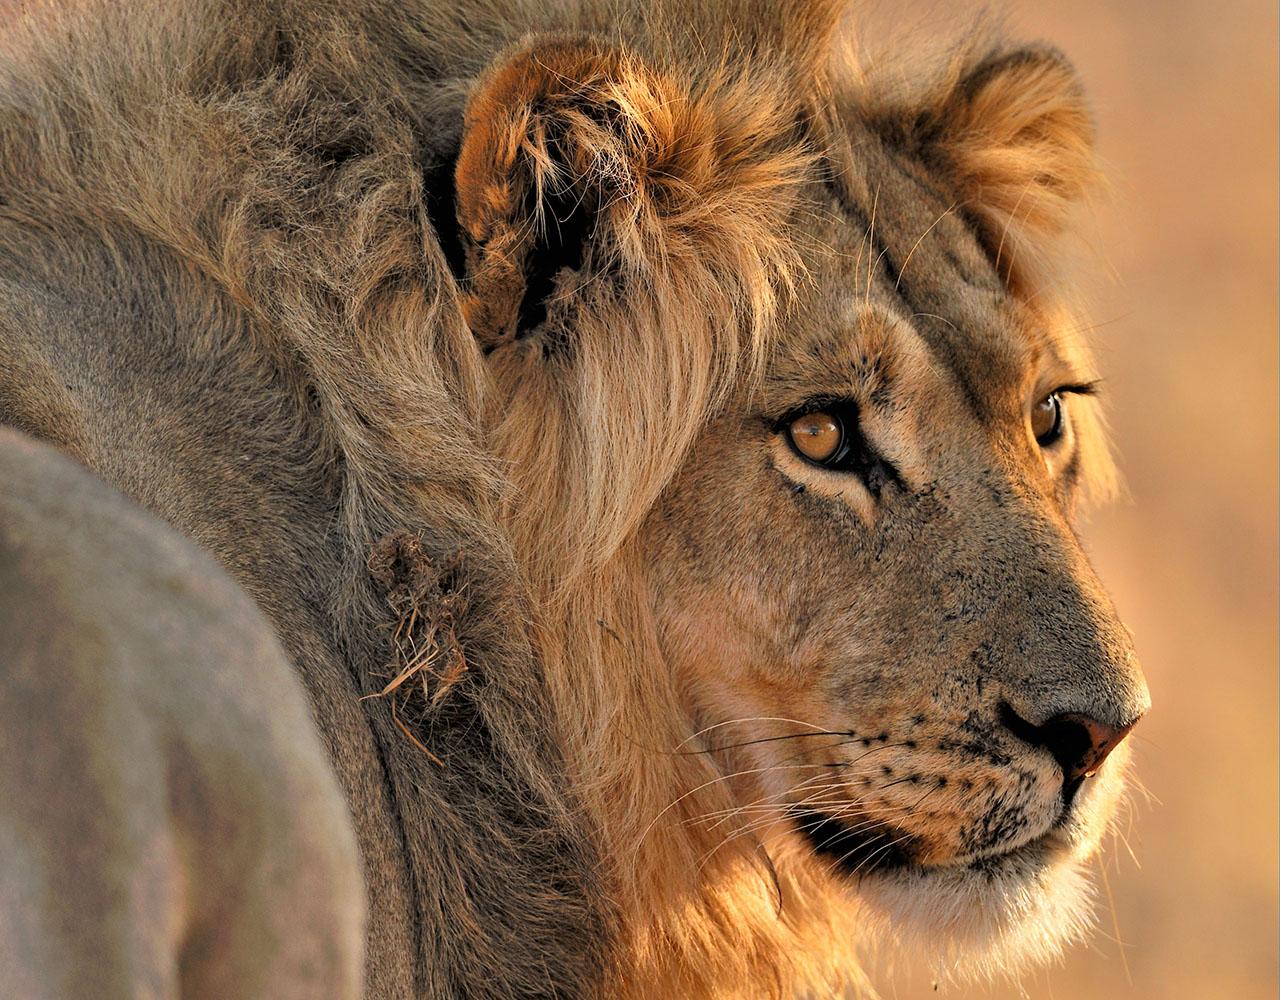 Botswana, parc trans-frontalier de Kgalagadi, lion mâle marchant dans le désert du Kalahari